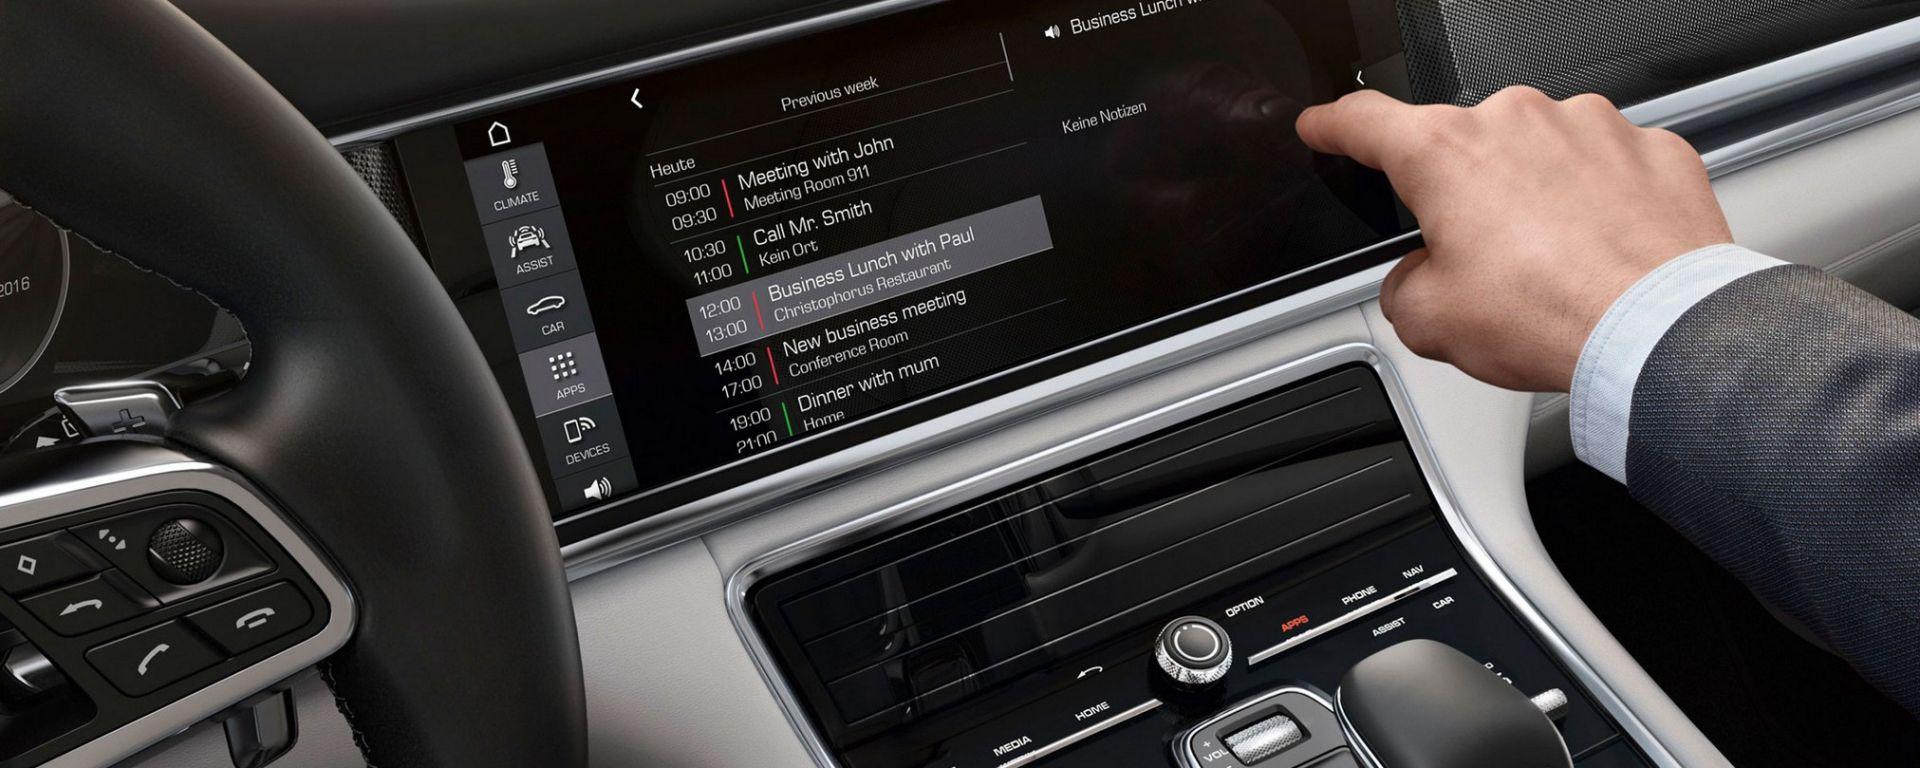 Porsche Connect: in due minuti, ecco cosa fa l'infotainment della nuova Panamera